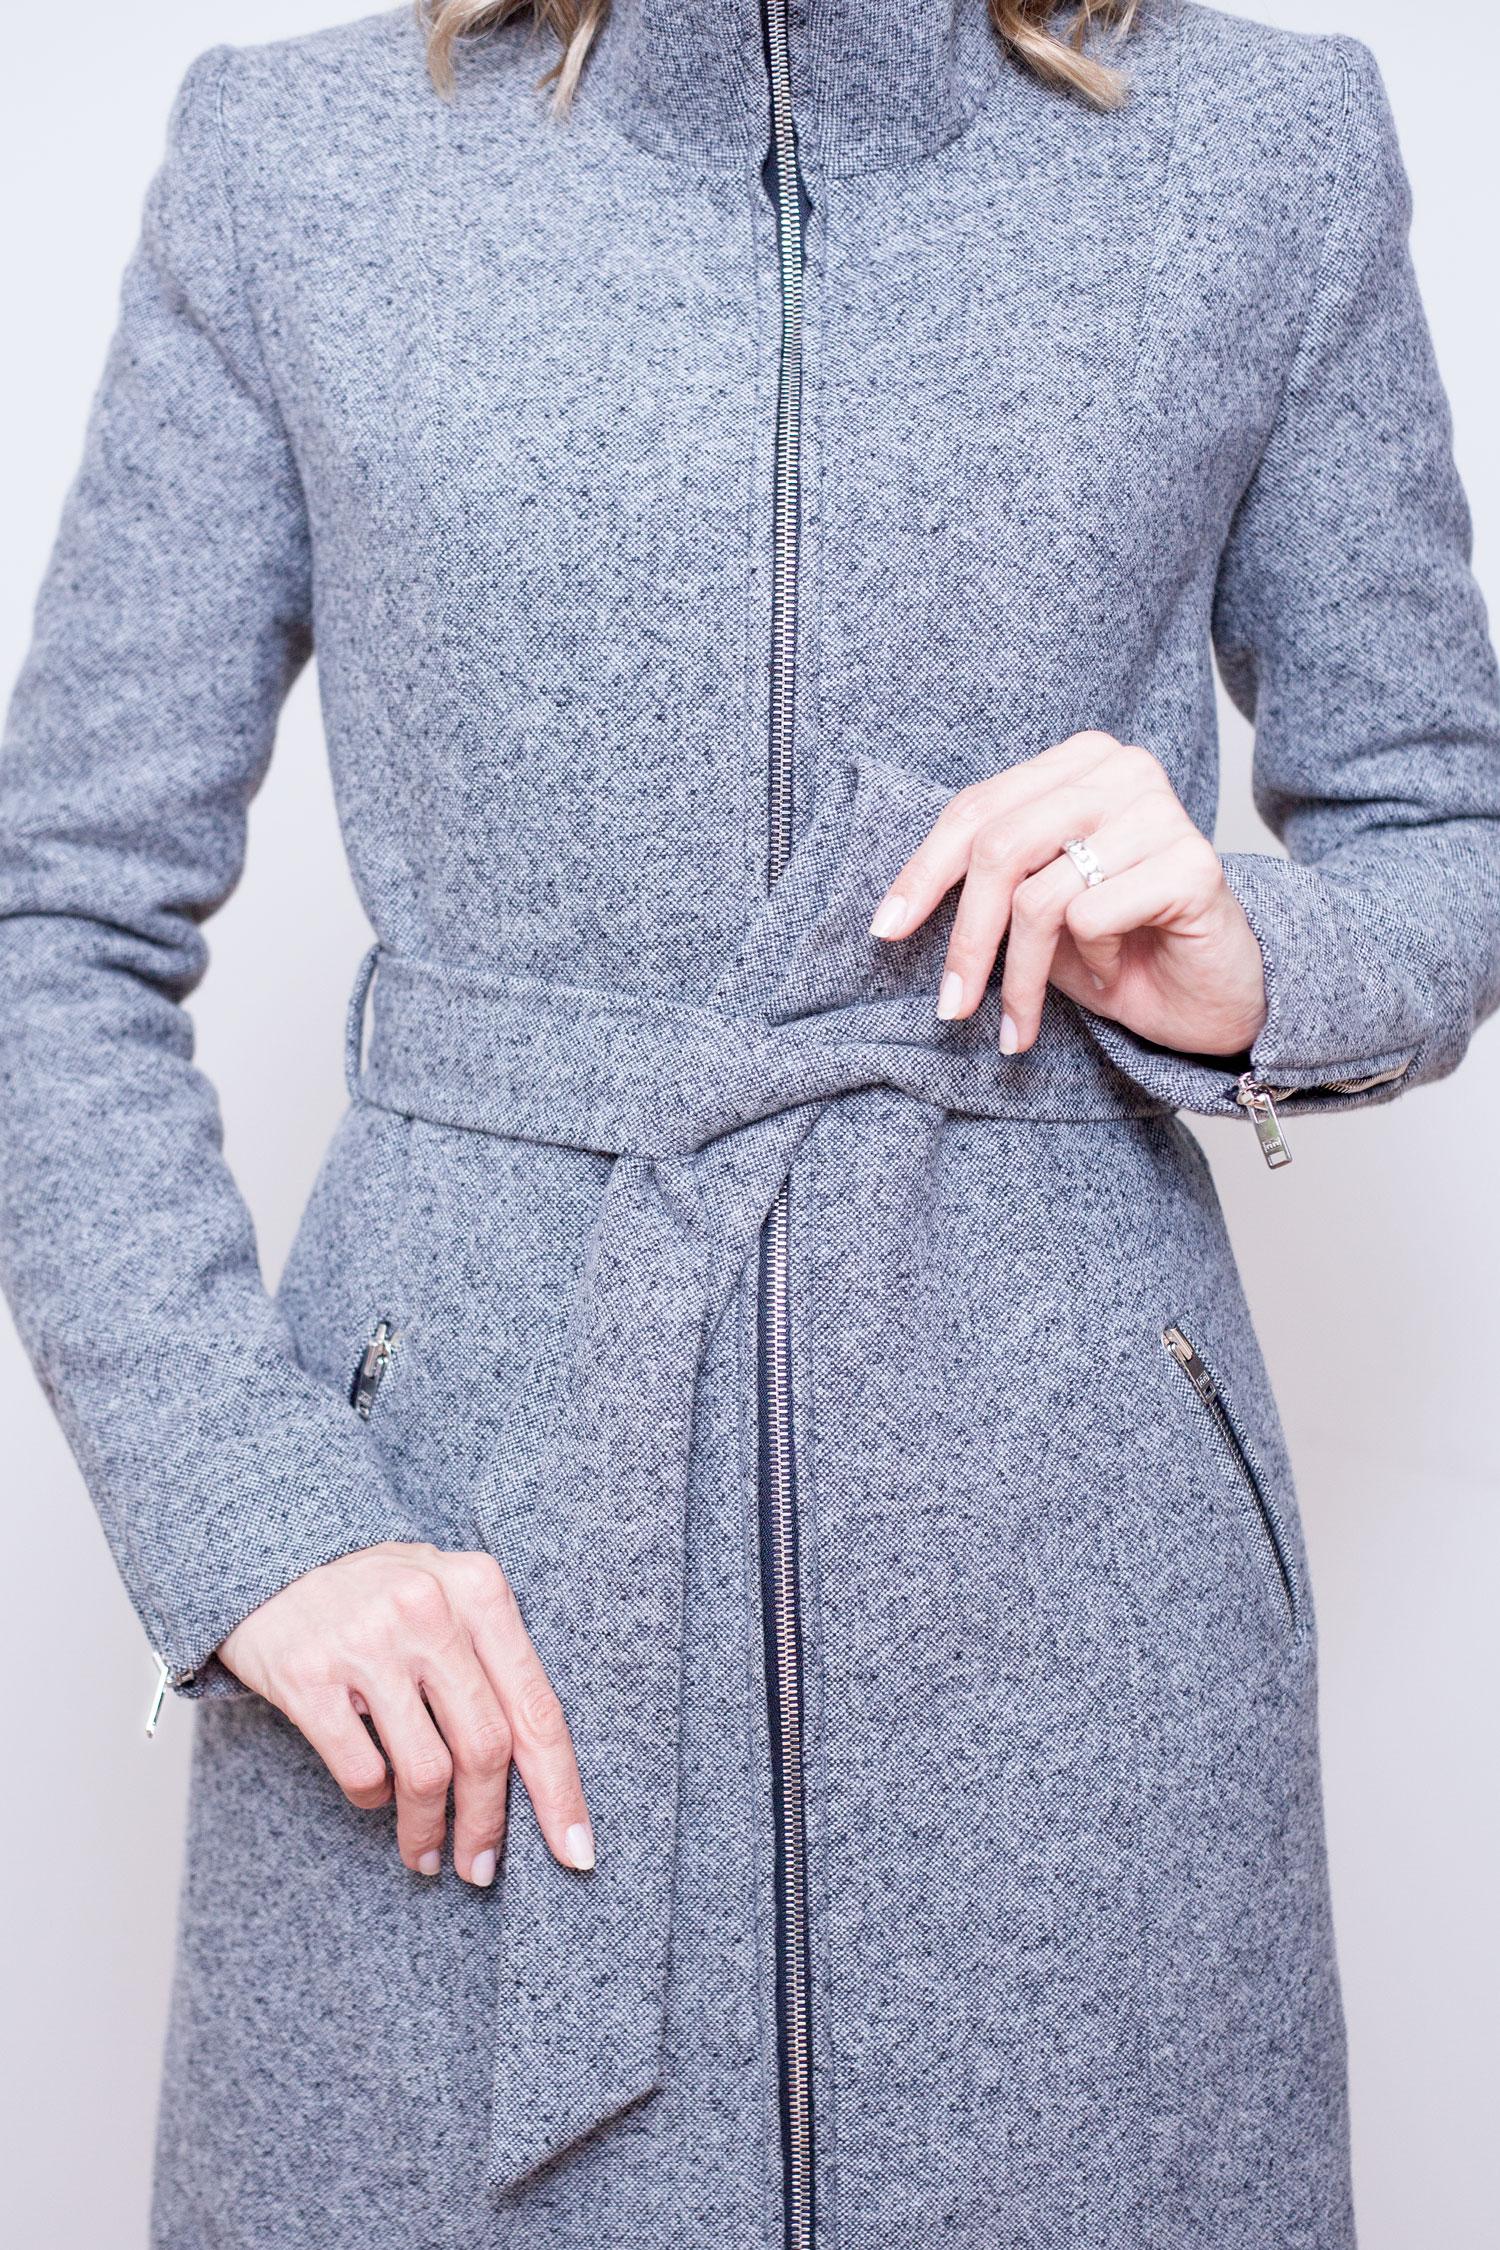 Belt-Grey-Zipper-Coat.jpg